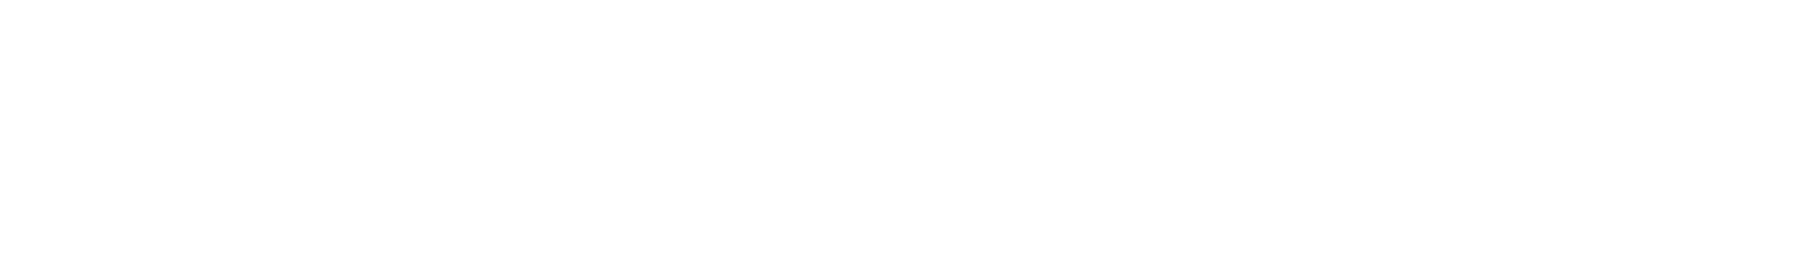 veh2 synths   019 c